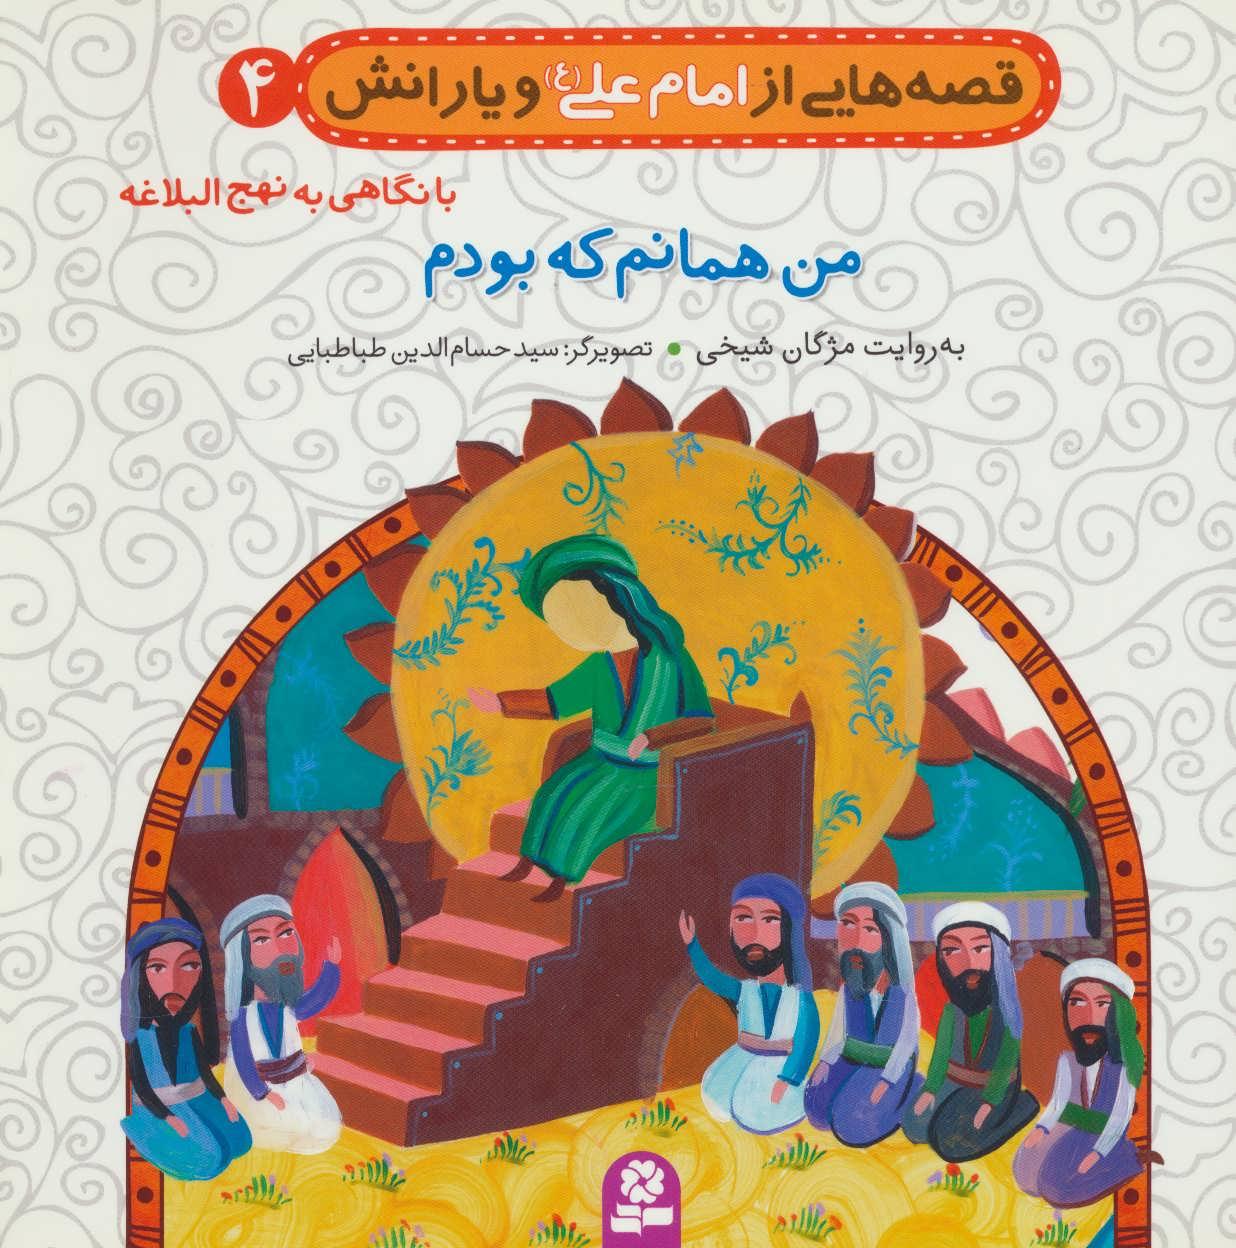 قصه هایی از امام علی (ع) و یارانش 4 (من همانم که بودم)،(گلاسه)